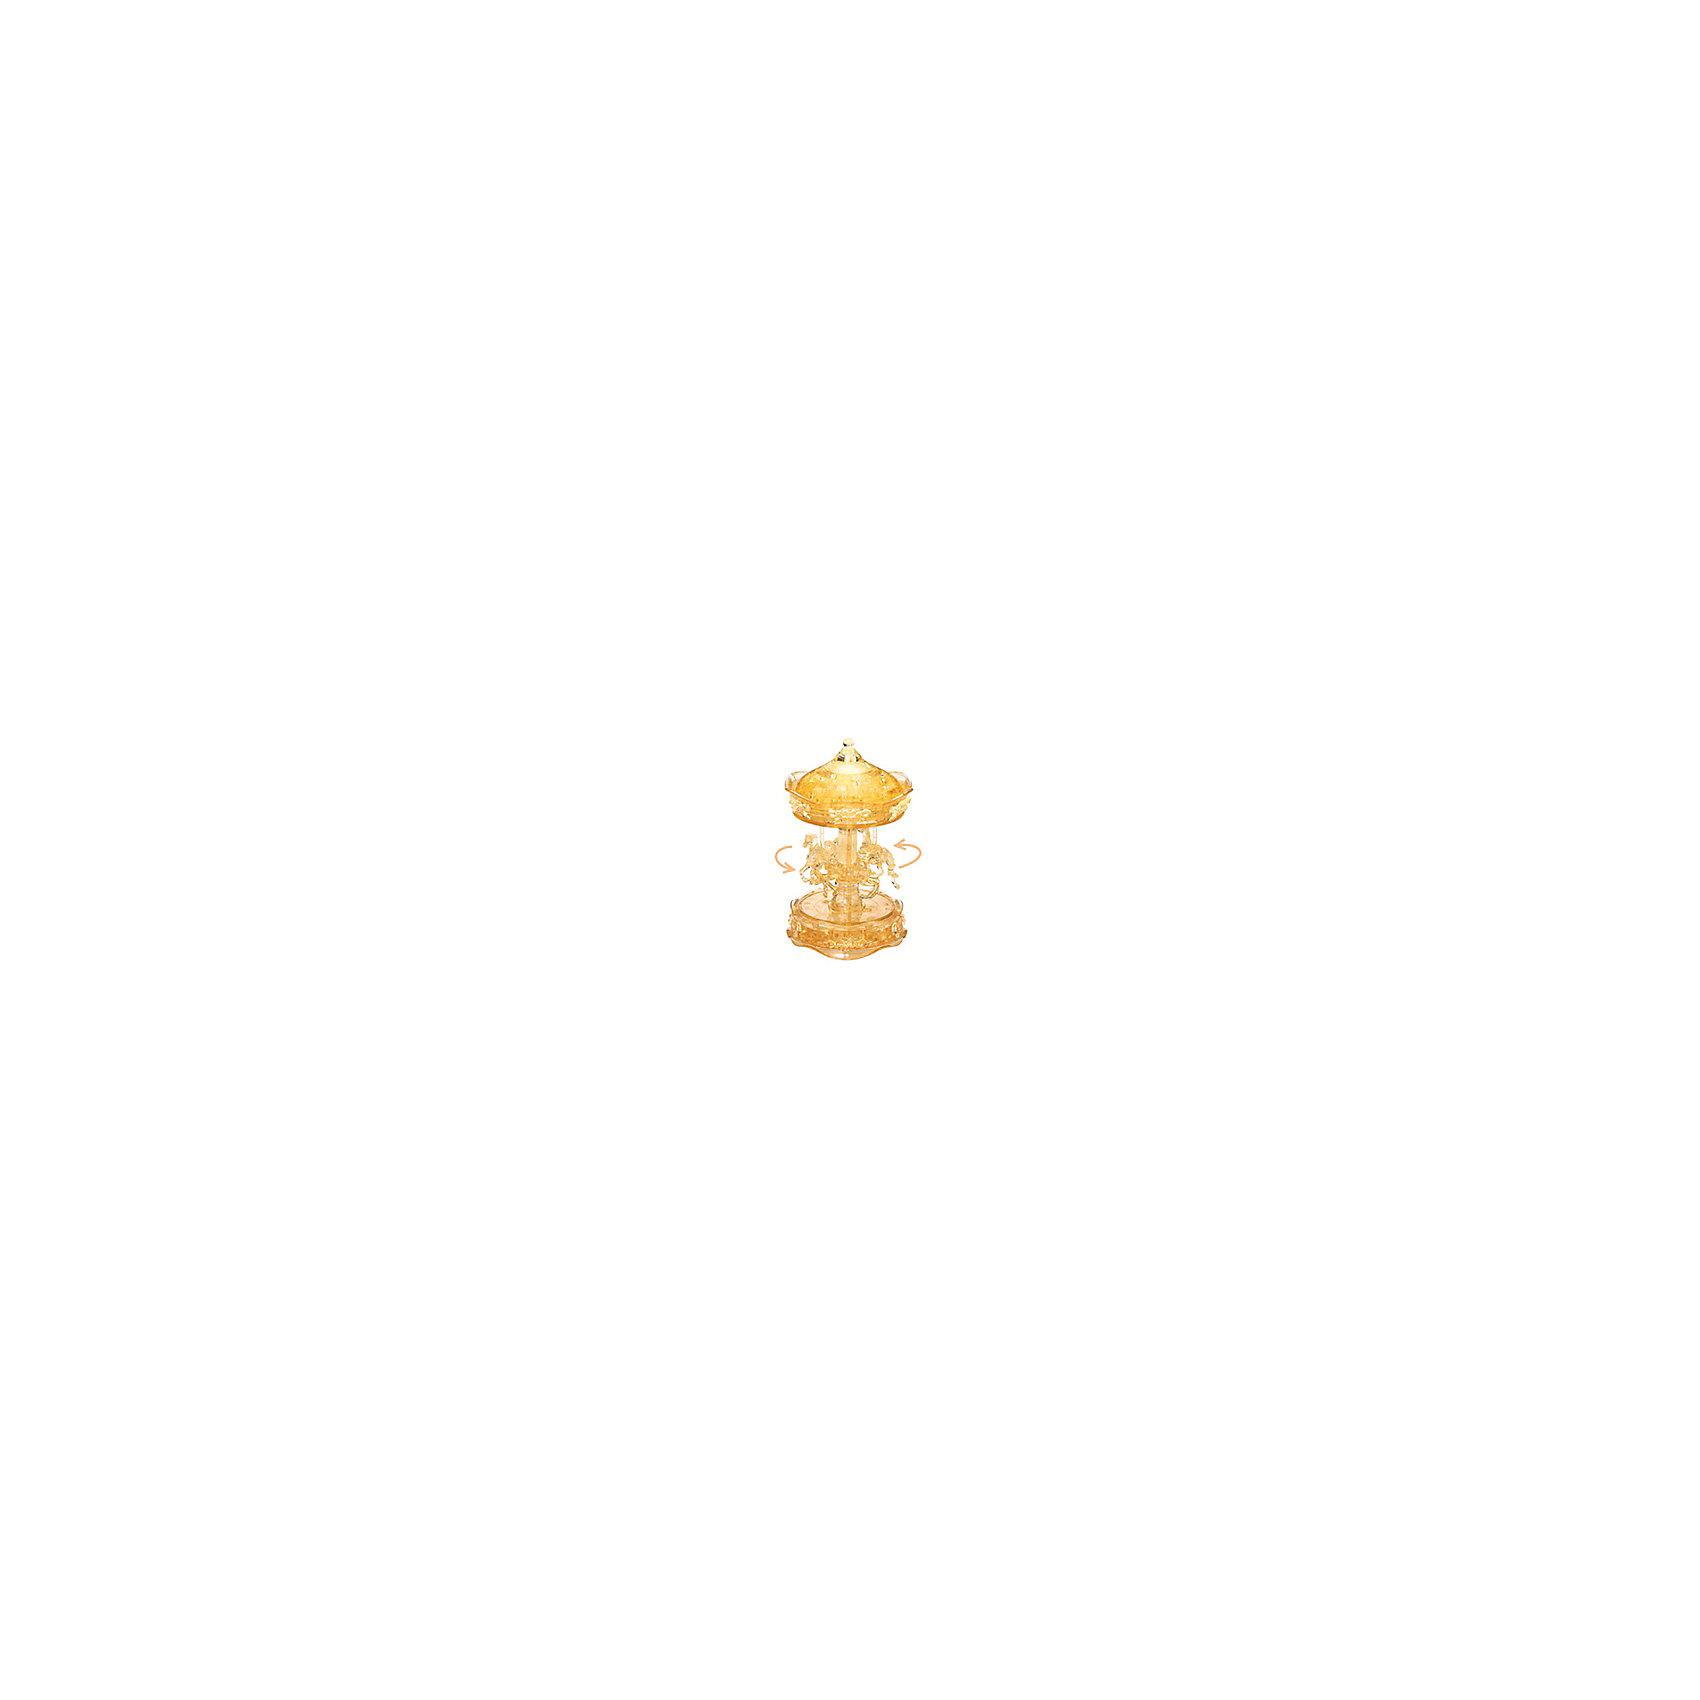 Кристаллический пазл 3D Золотая карусель, Crystal PuzzleКристаллический пазл 3D Золотая карусель, Crystal Puzzle (Кристал Пазл)<br><br>Характеристики:<br><br>• яркий объемный пазл<br>• размер готовой фигурки: 19 см<br>• количество деталей: 83<br>• высокая сложность<br>• размер упаковки: 6х19х8 см<br>• вес: 468 грамм<br>• материал: пластик<br><br>Кристаллический пазл Золотая карусель выглядит по-настоящему волшебным. И пусть высокая сложность сборки вас не пугает, ведь результат будет удивительным! В комплект входят 83 сверкающие детали из пластика. Все детали пронумерованы, а инструкция поможет вам подробно разобраться в процессе сборки и не допустить ошибки. Готовая карусель в стиле 19 века - прекрасный сувенир, который украсит любую комнату.<br>Процесс собирания пазлов развивает логику, внимательность, пространственное мышление и усидчивость.<br><br>Кристаллический пазл 3D Золотая карусель, Crystal Puzzle (Кристал Пазл) вы можете купить в нашем интернет-магазине.<br><br>Ширина мм: 180<br>Глубина мм: 190<br>Высота мм: 60<br>Вес г: 467<br>Возраст от месяцев: 120<br>Возраст до месяцев: 2147483647<br>Пол: Женский<br>Возраст: Детский<br>SKU: 5397259